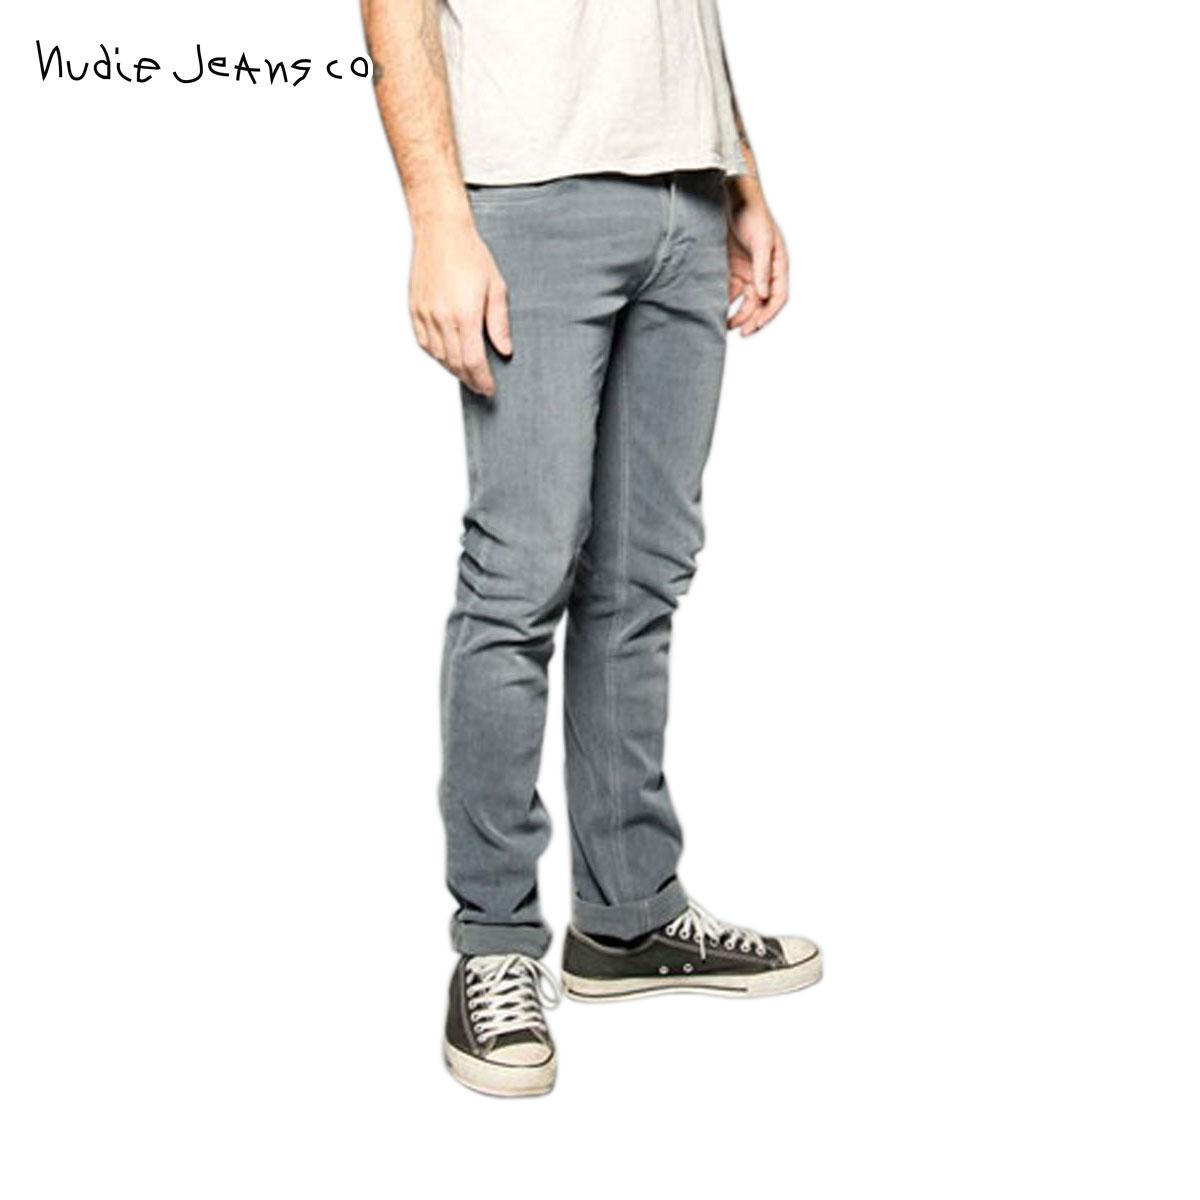 【販売期間 10/6 10:00~10/13 9:59】 ヌーディージーンズ Nudie Jeans 正規販売店 メンズ ジーンズ Thin Finn 221 Organic Lighter Shade